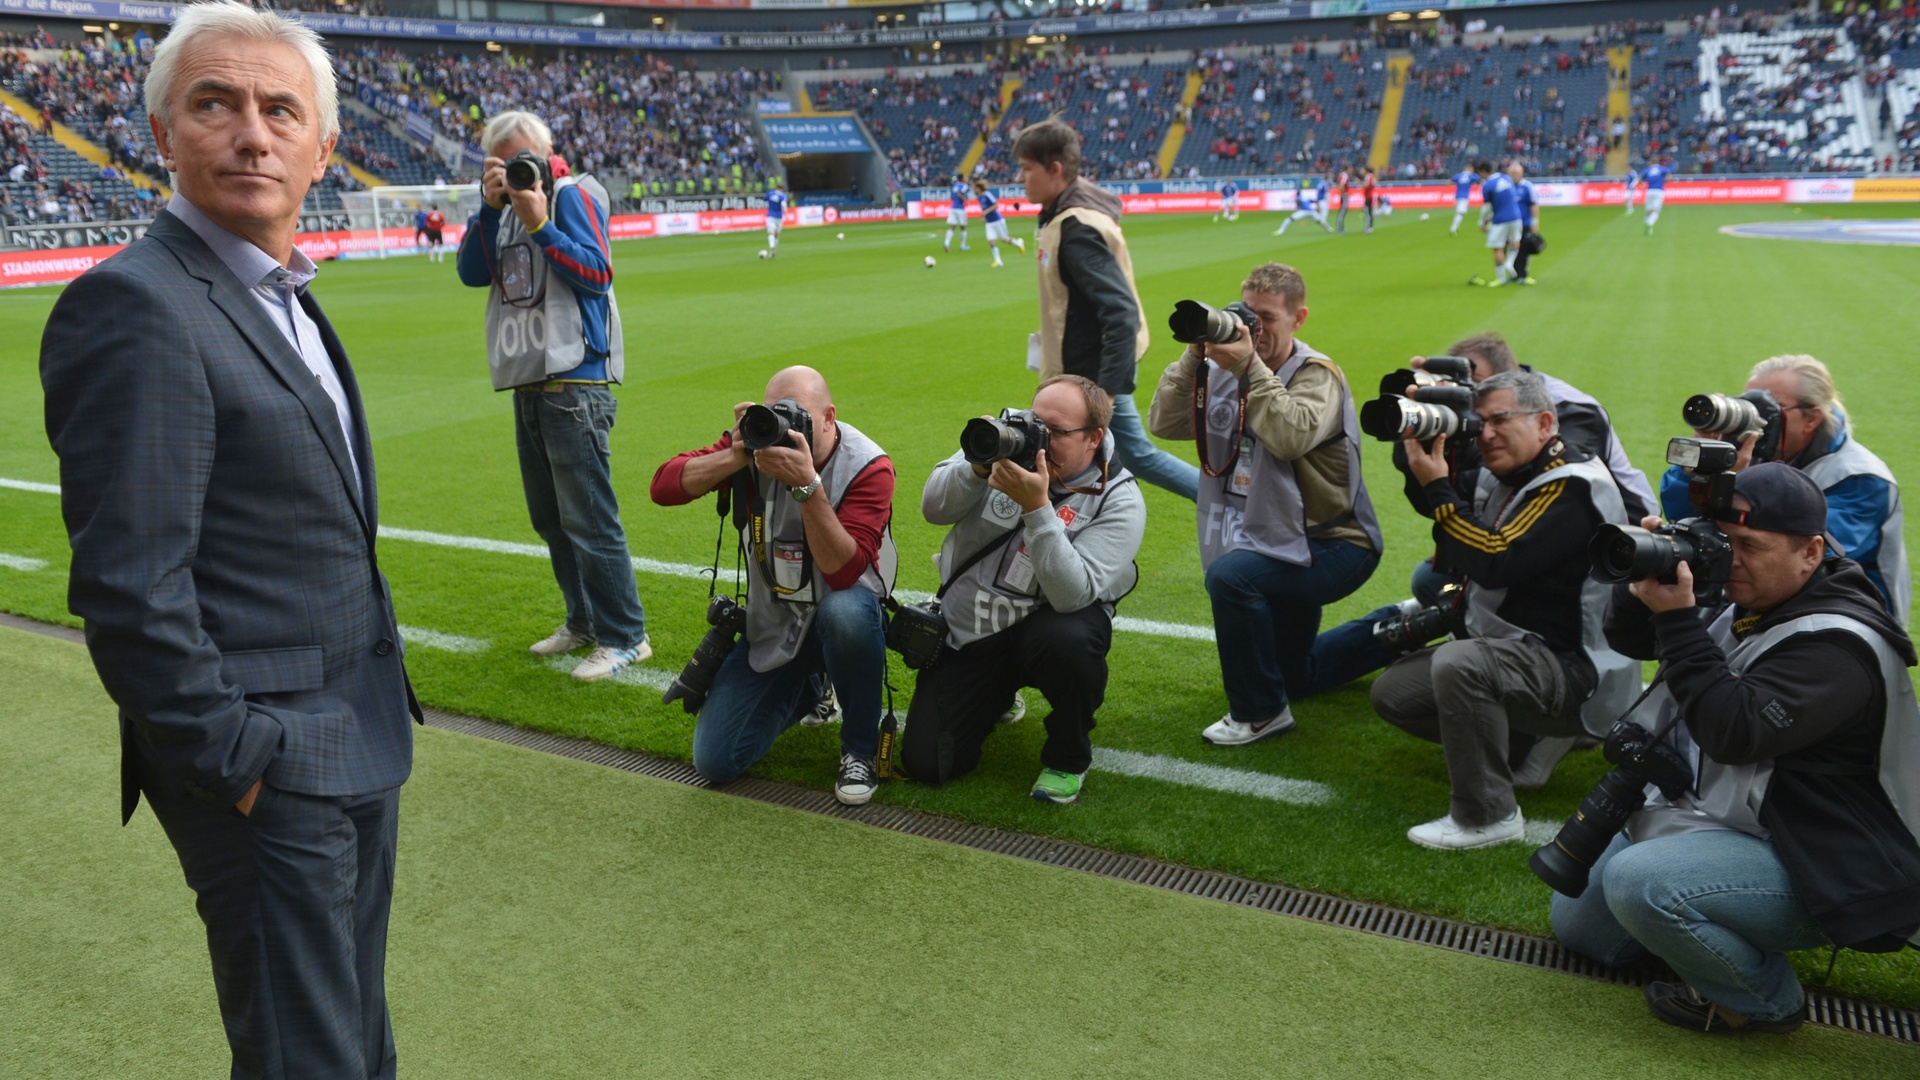 المنتخب الإماراتي يستعين مجددا بوصيف مونديال 2010